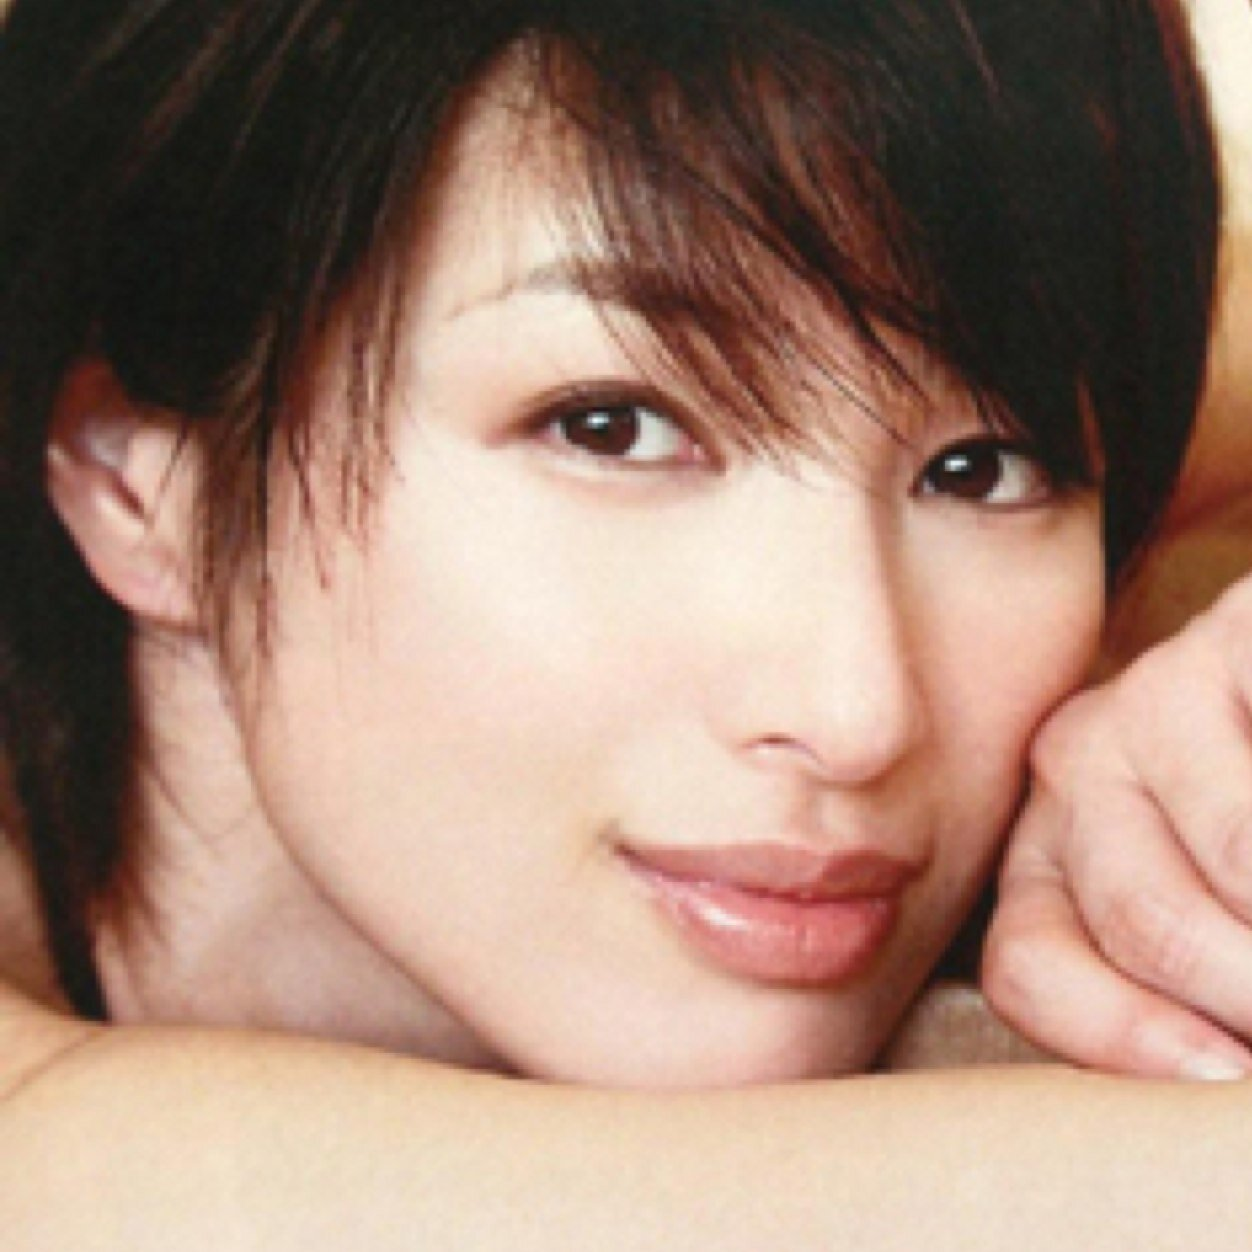 妖艶な女優吉瀬美智子の濃厚キスシーンをご堪能下さいませ!!!!のサムネイル画像